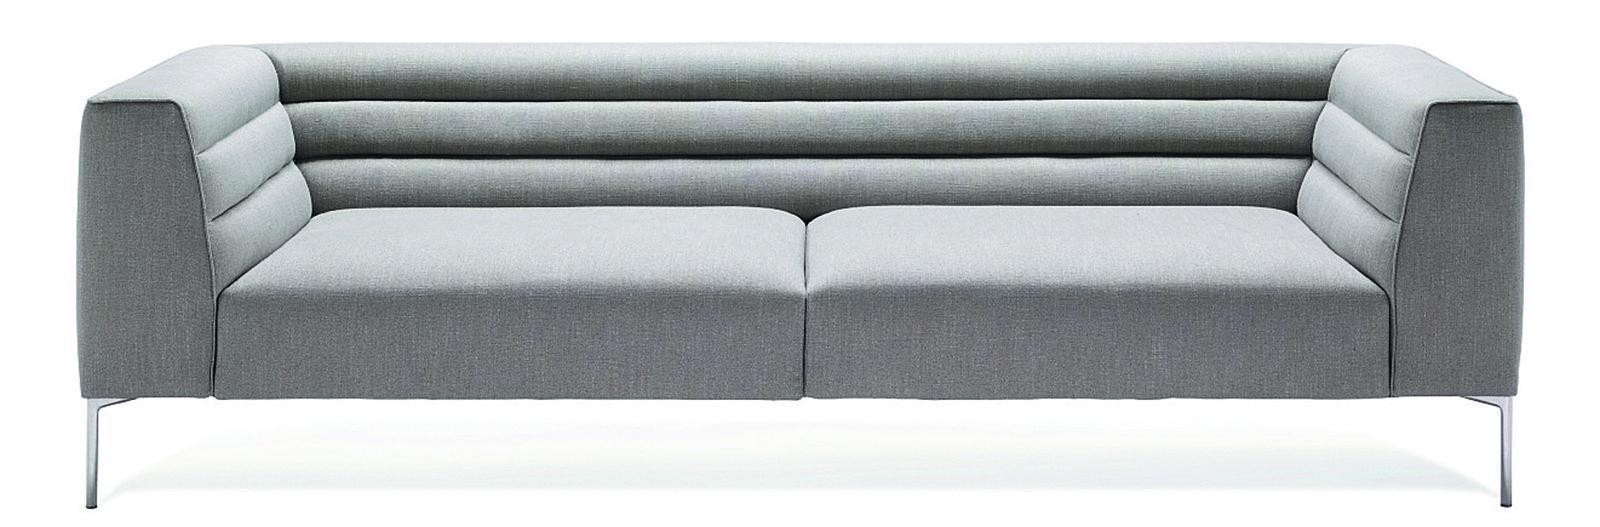 Cucire Cuscino Senza Cerniera divano tre posti: 26 modelli per tutti i gusti - cose di casa